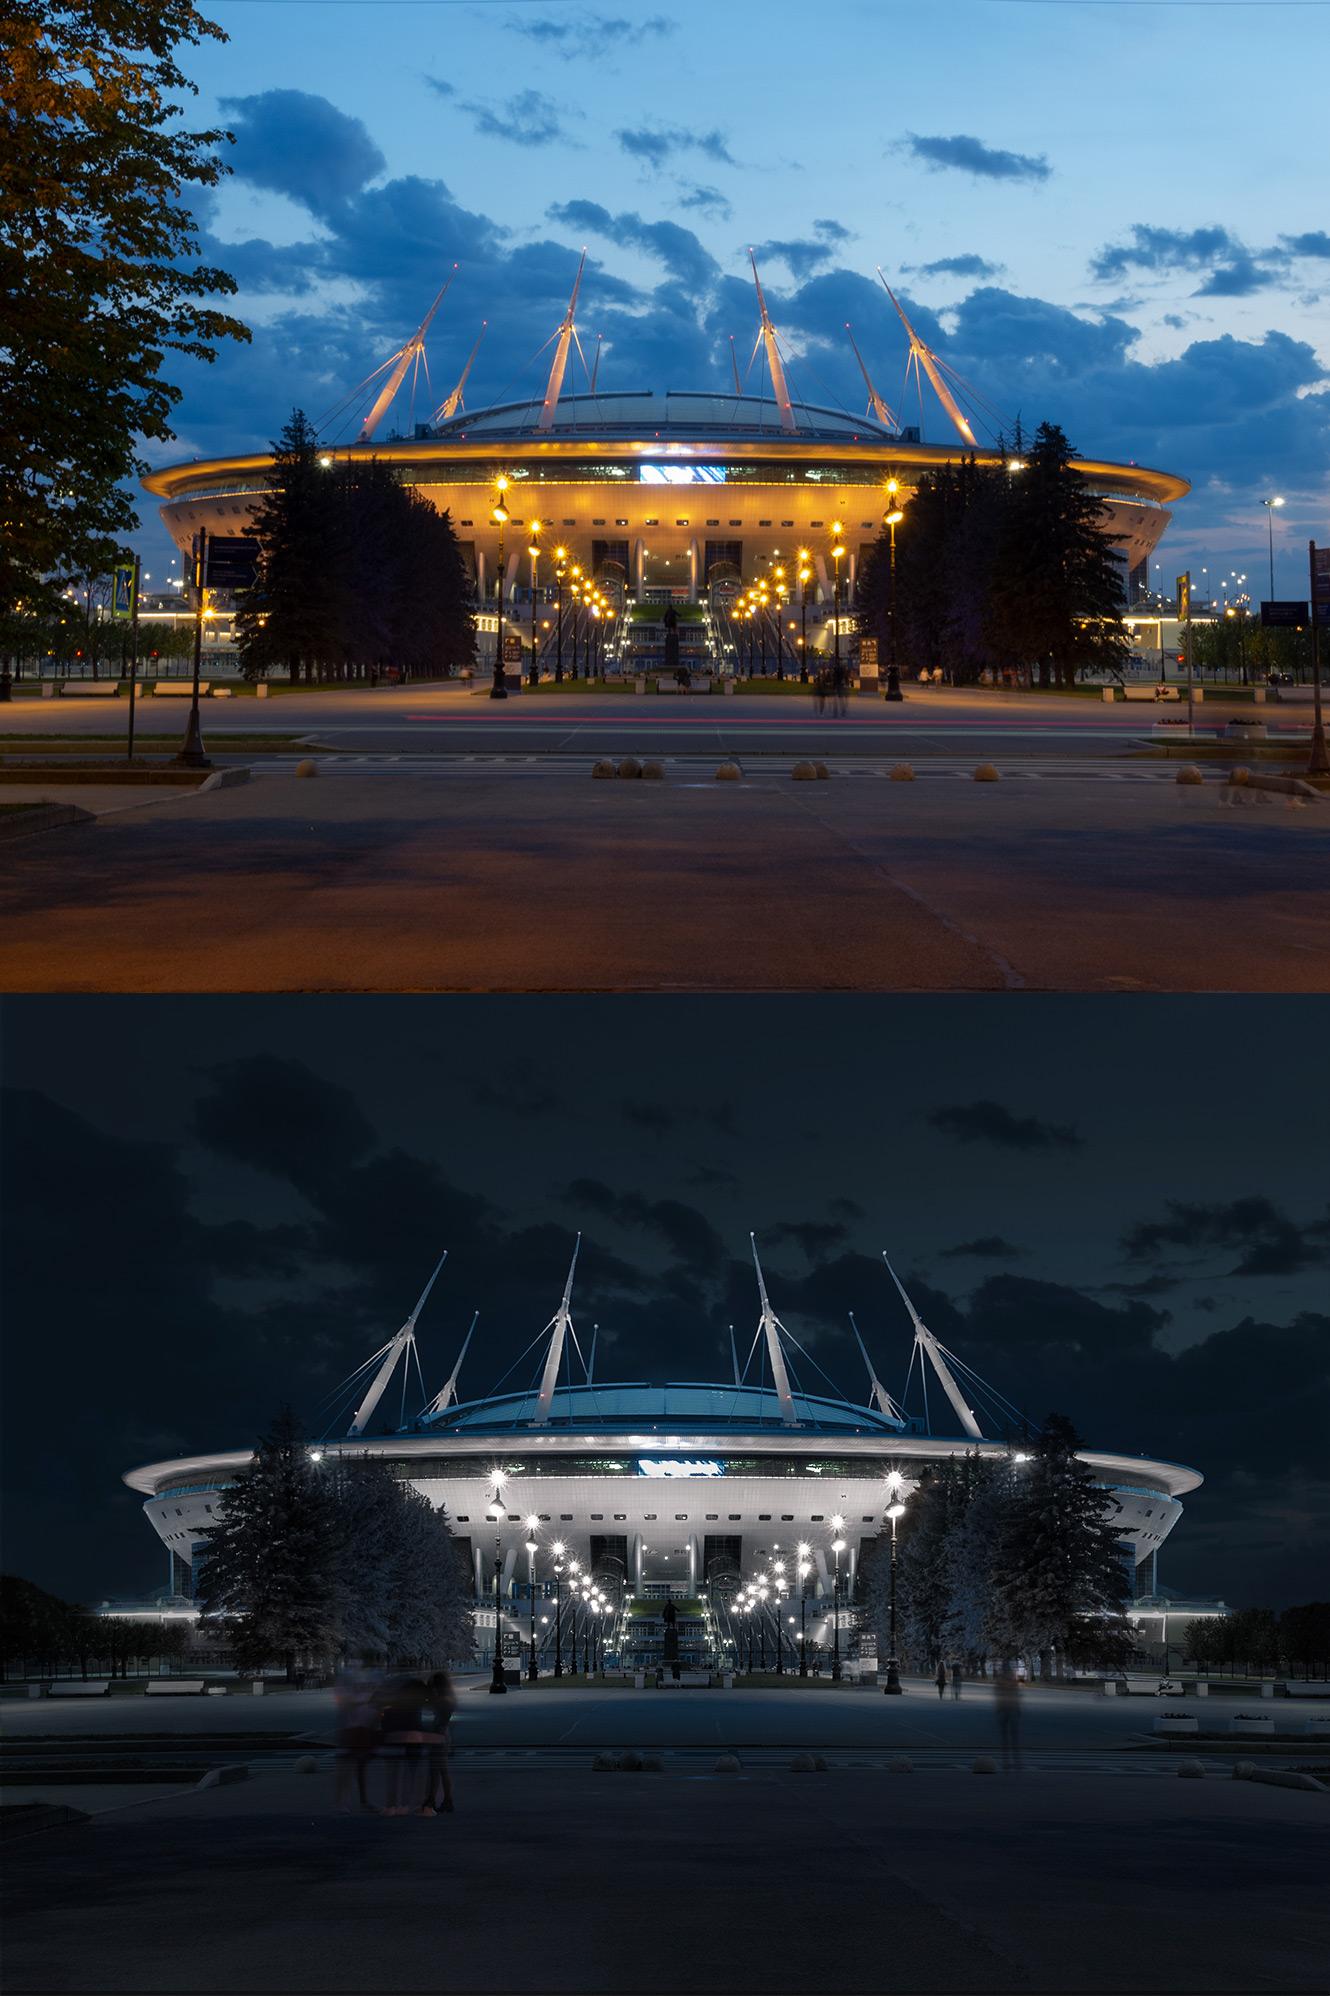 Фотообработка: Газпром Арена